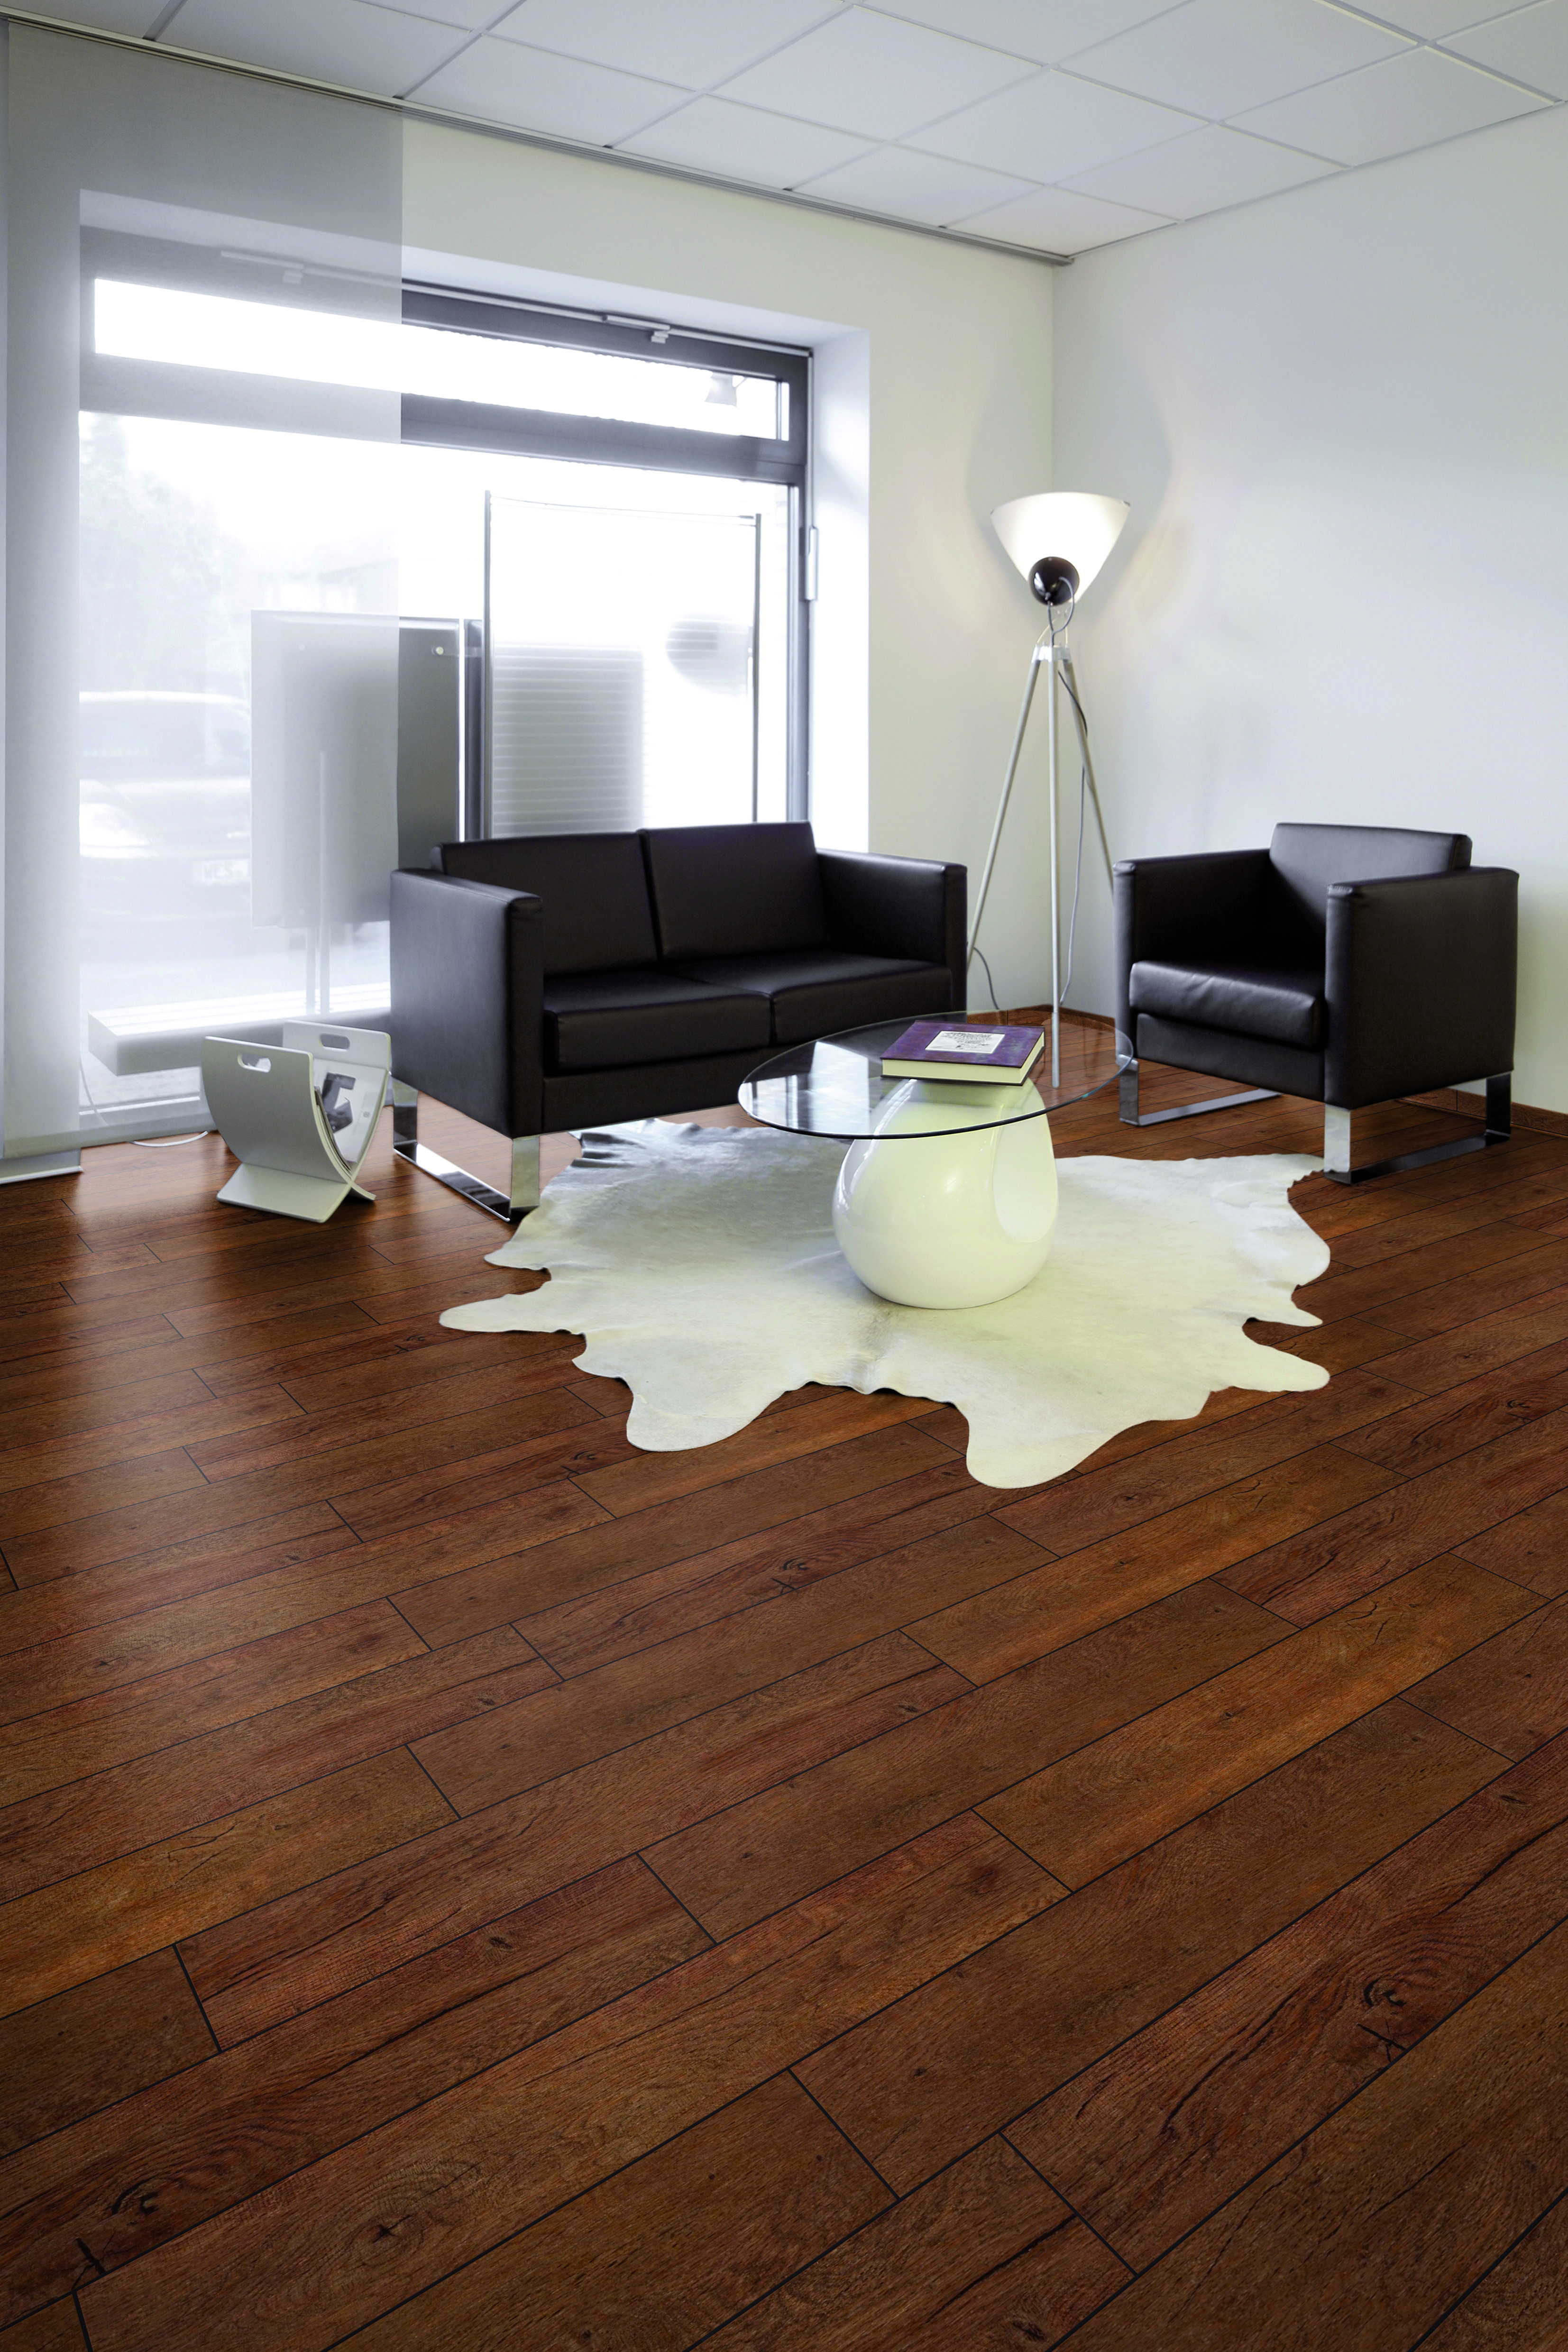 Modern gestalteter Raum mit braunem Vinylboden und dazu